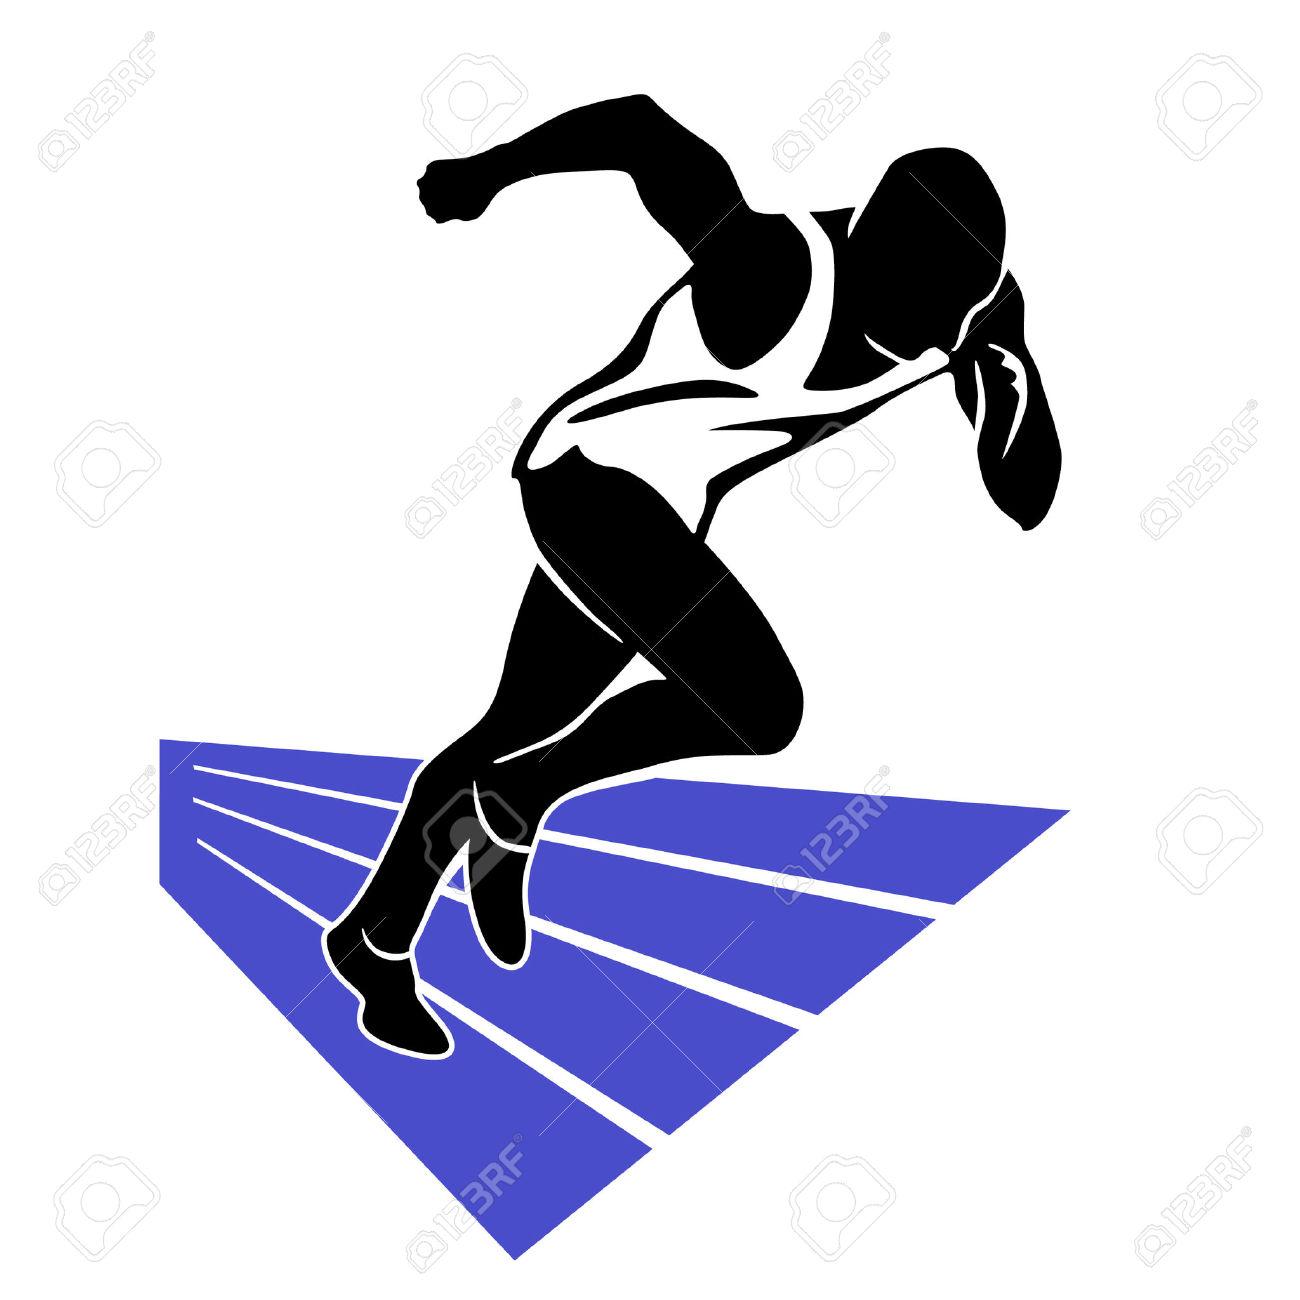 1300x1300 Sprinter Runner Clipart Amp Sprinter Runner Clip Art Images